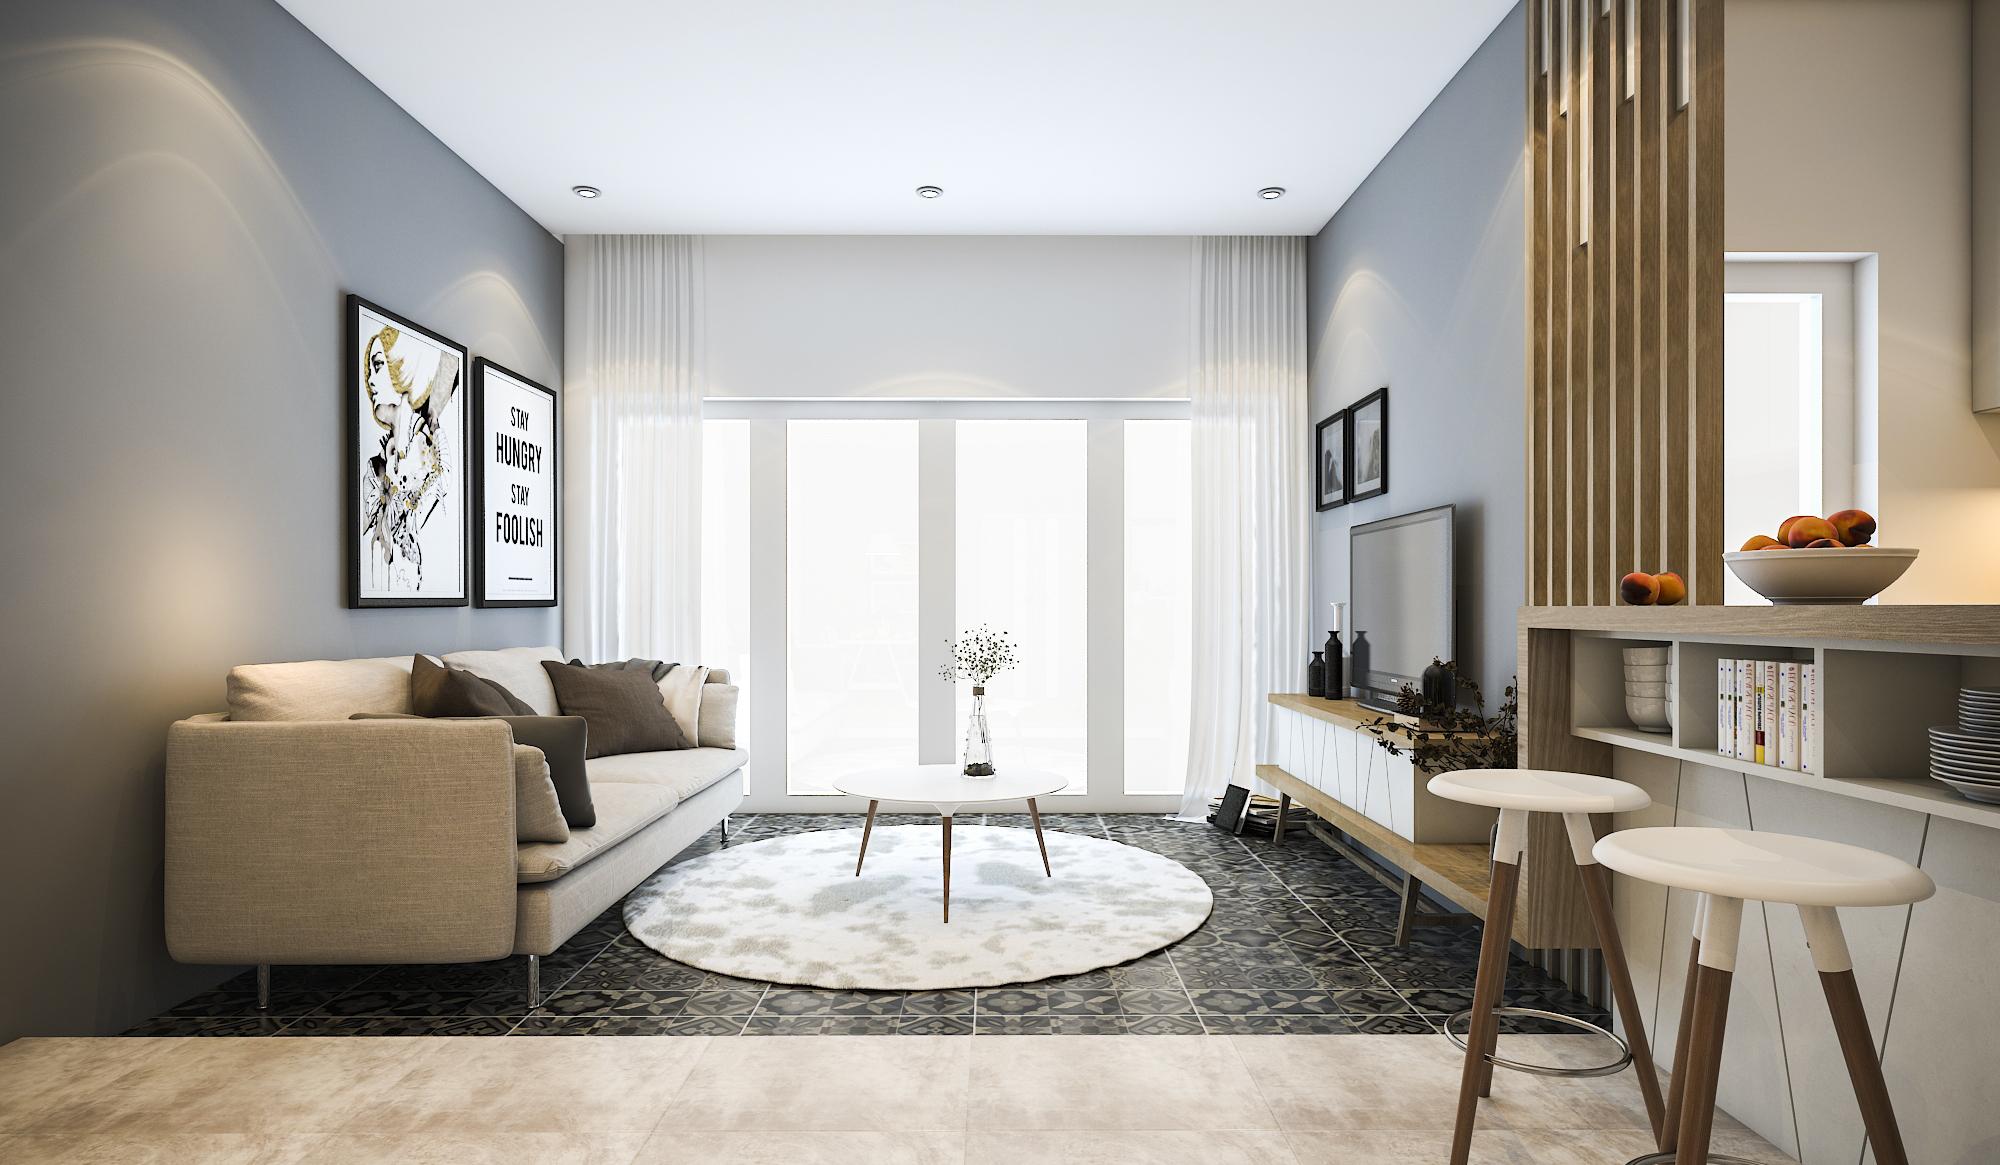 thiết kế nội thất chung cư tại Hồ Chí Minh Mr. Hiếu Apartment 2 1561701448